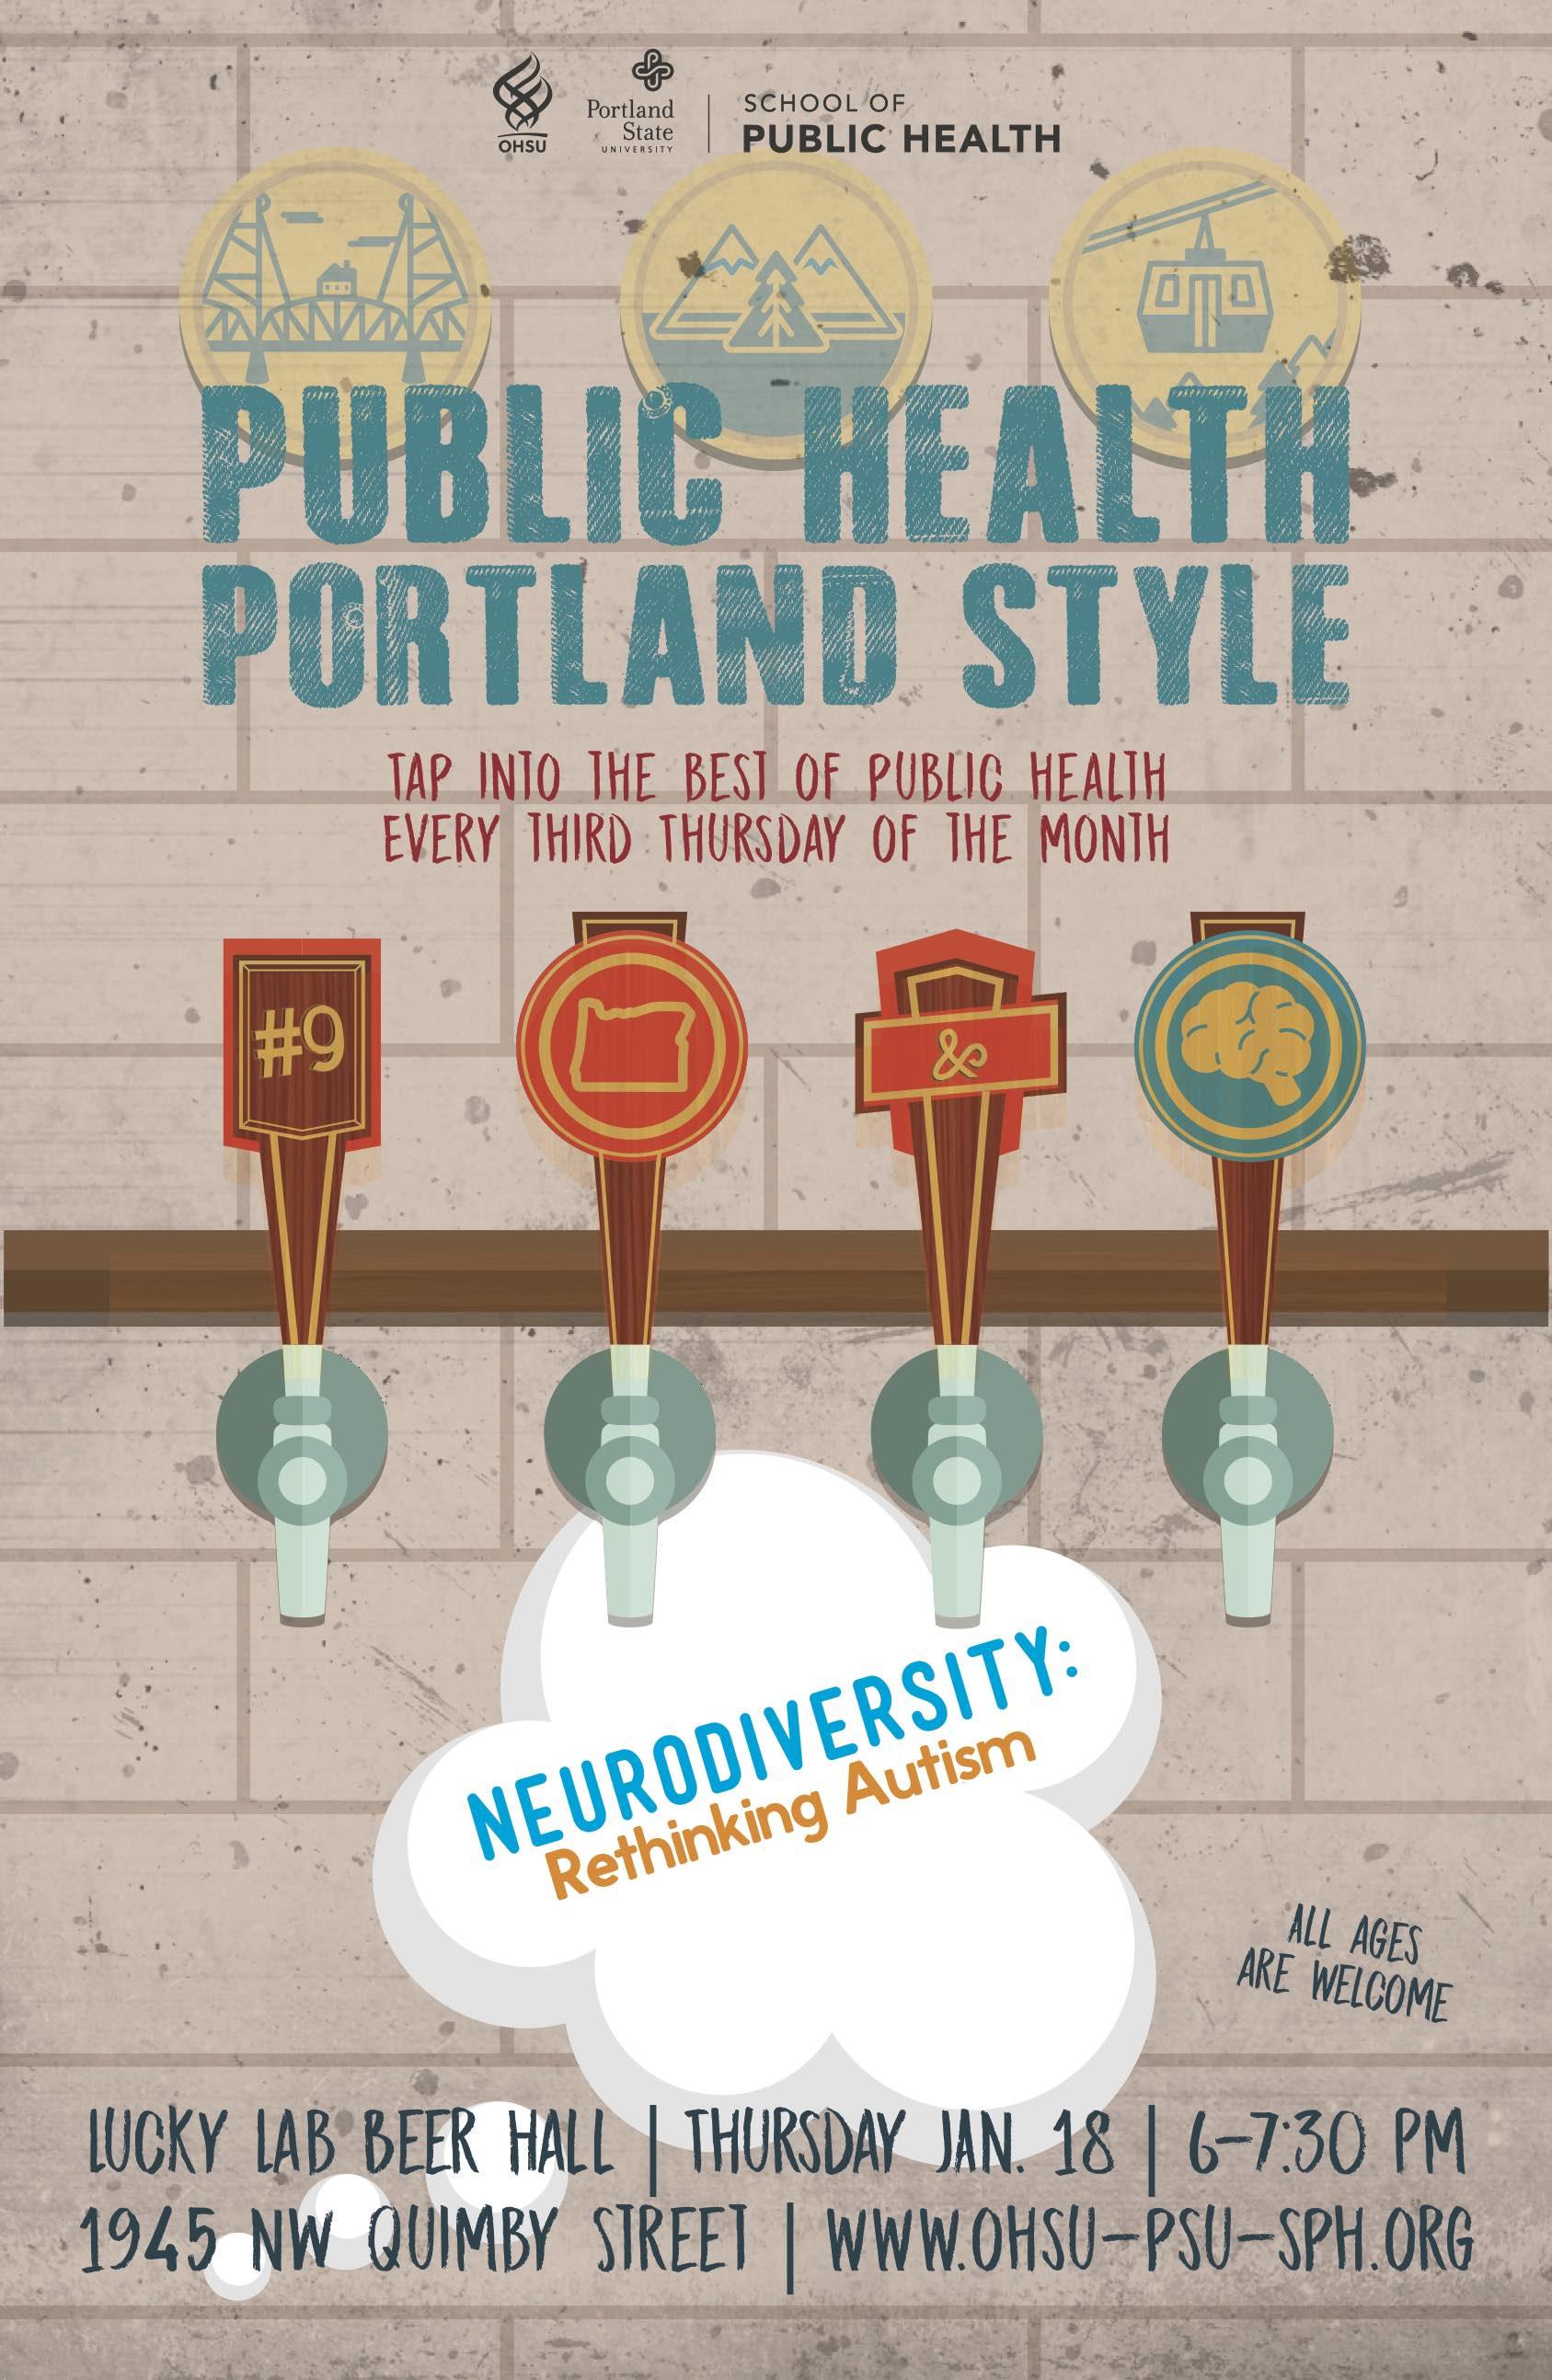 Public Health PDX Style – Neurodiversity: Rethinking Autism